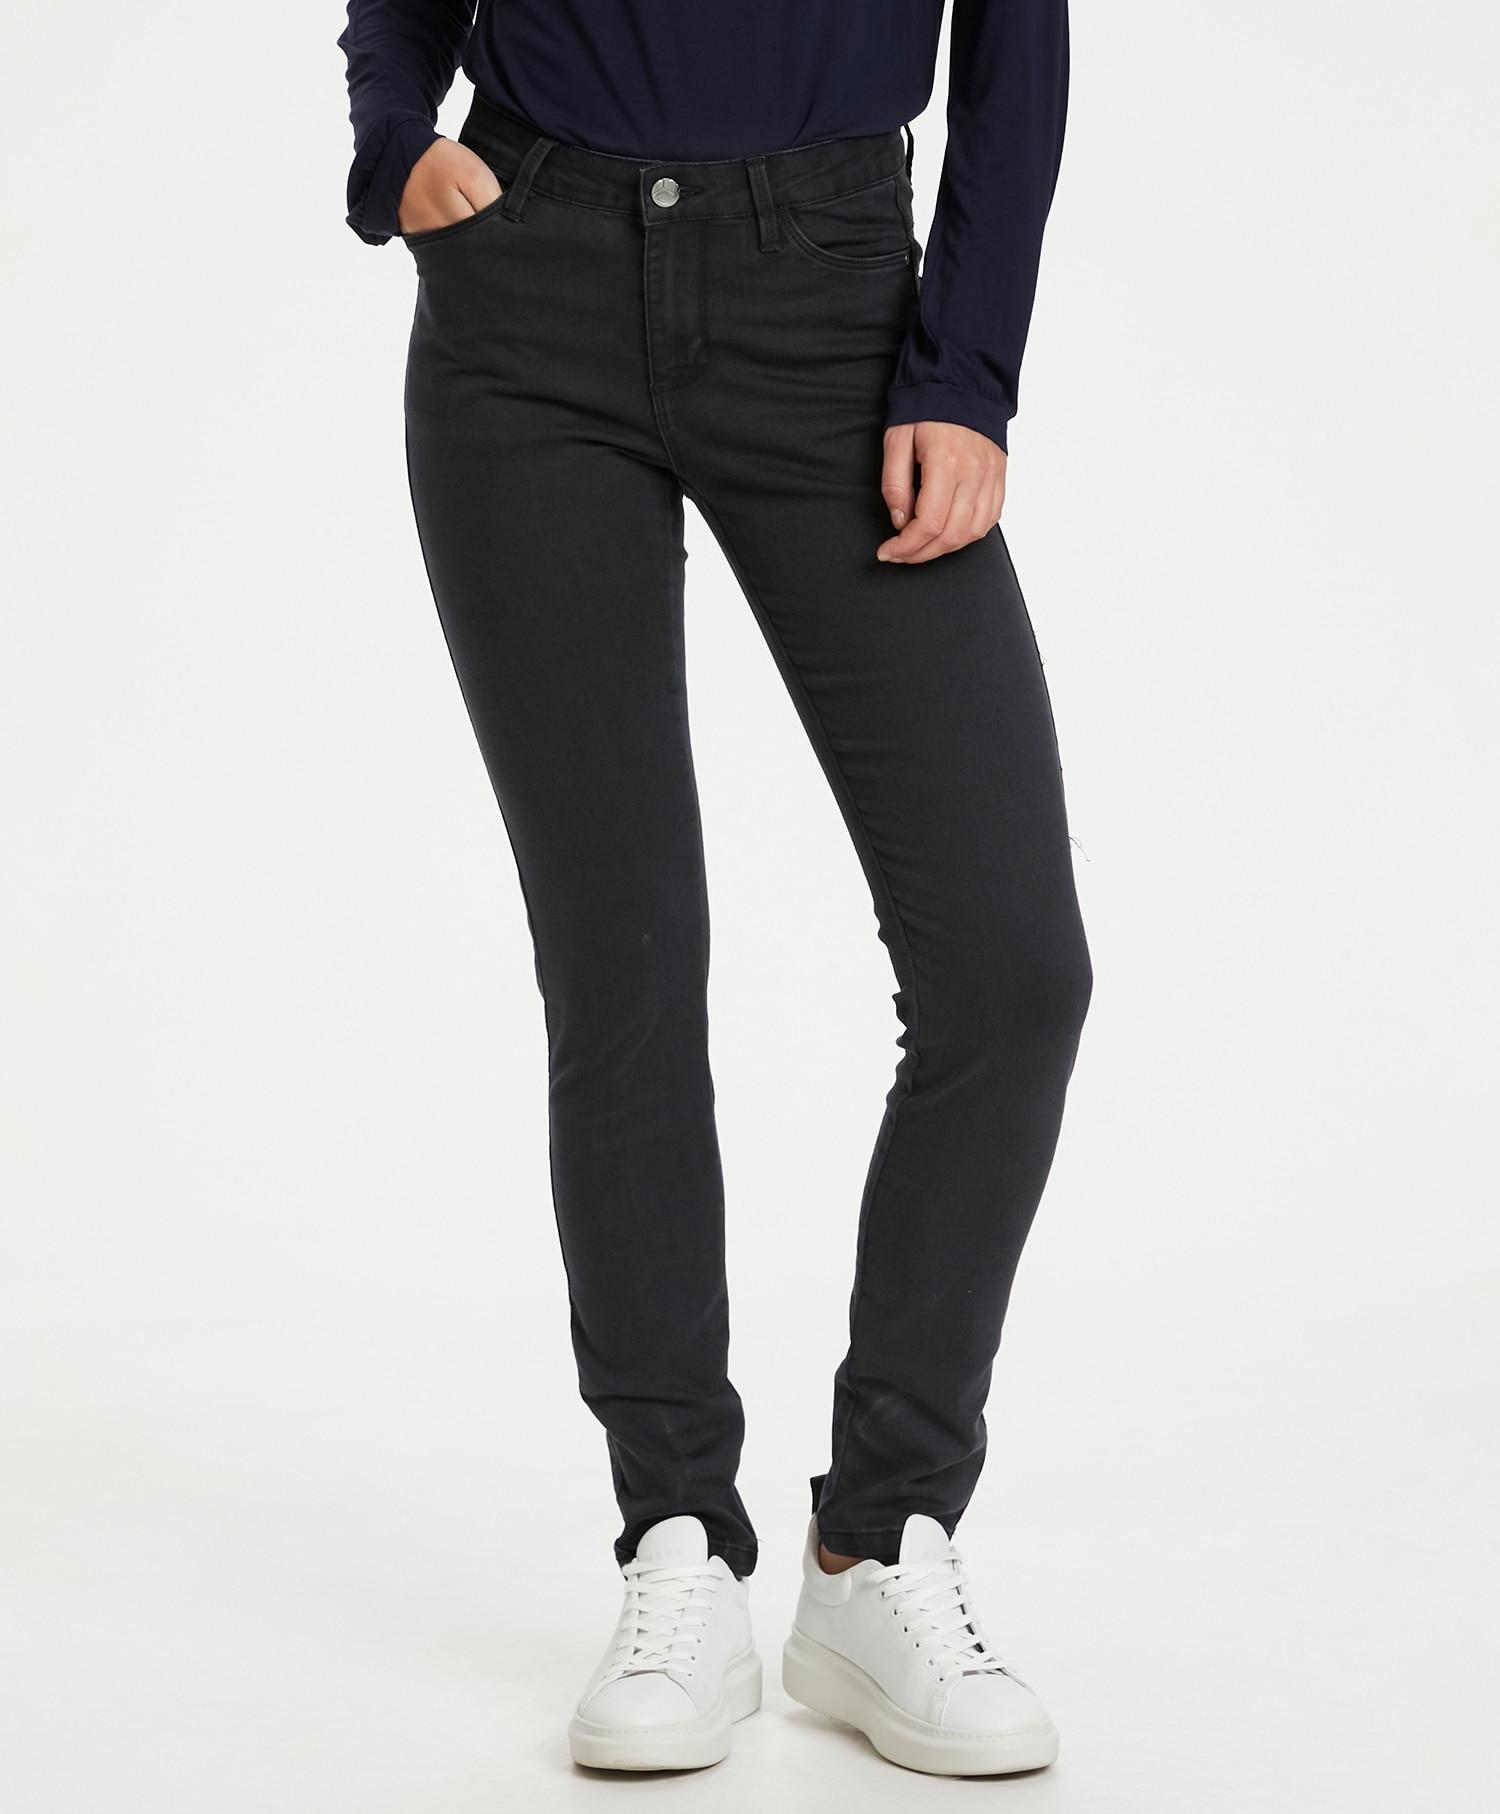 Kaffe Vicky jeans